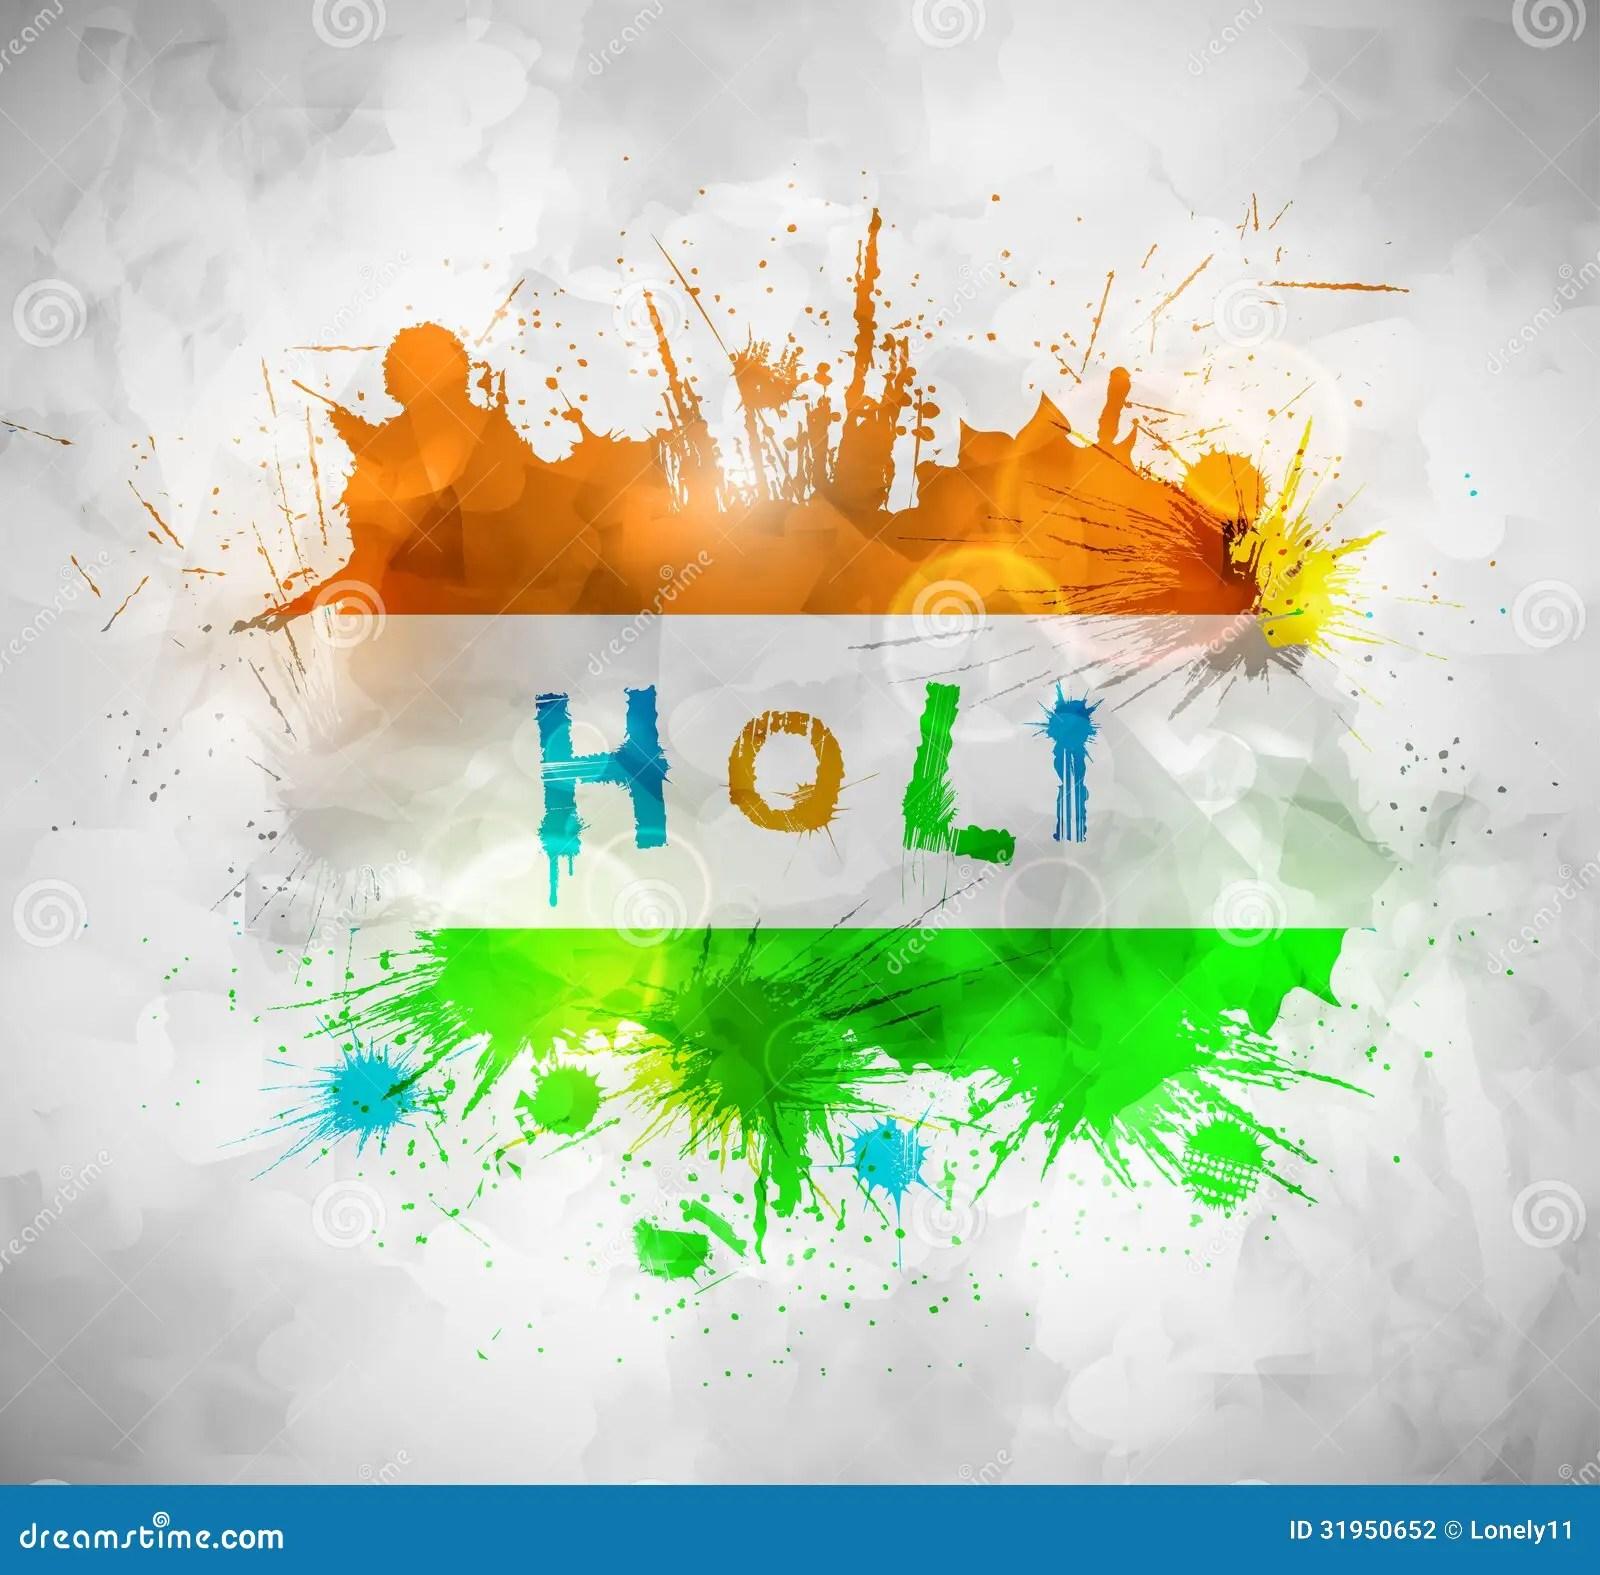 Holi Background Stock Photography Image 31950652